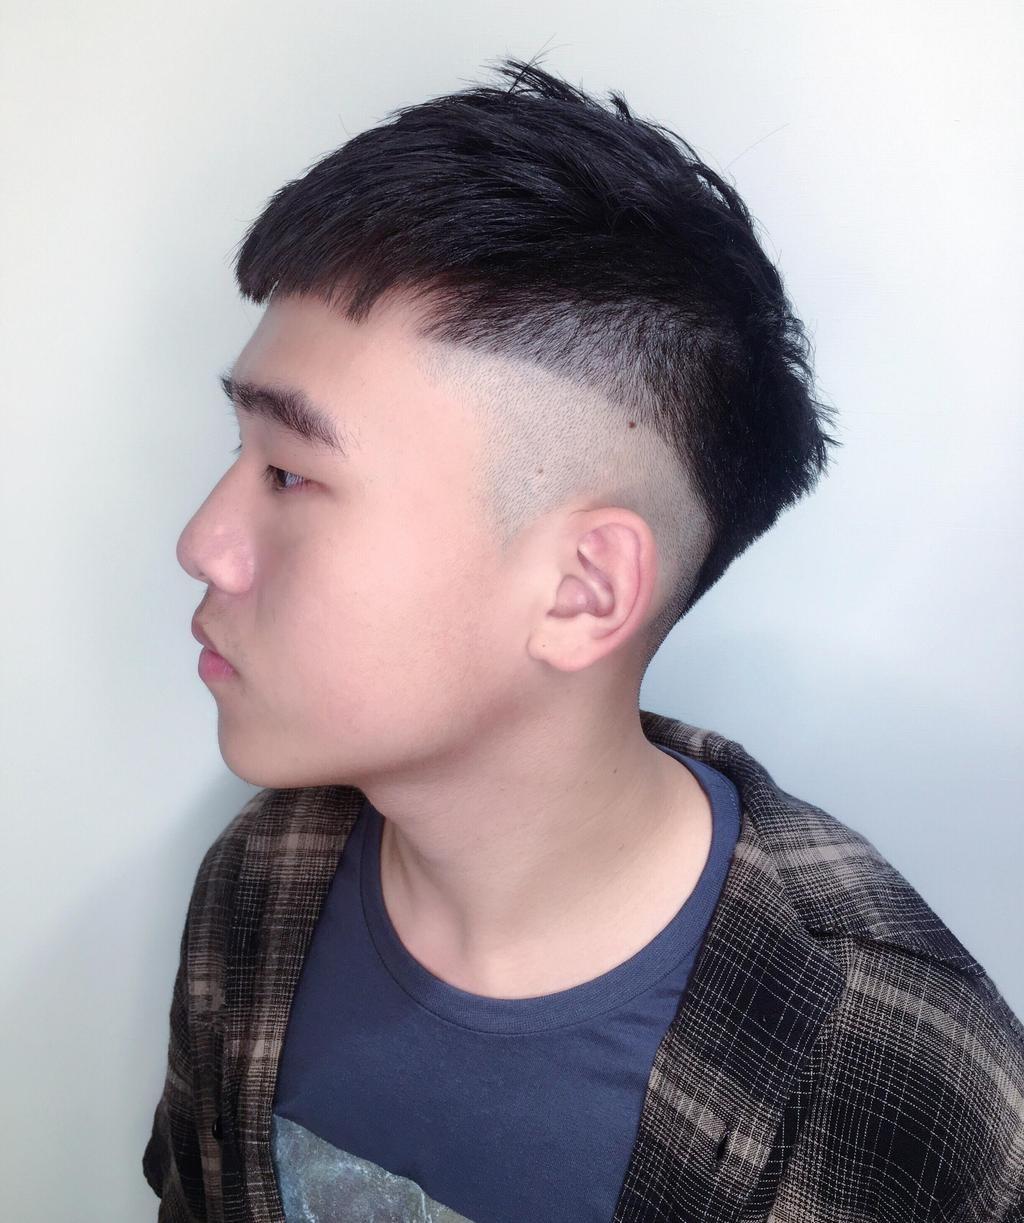 男生锅盖头v字发型 潮男锅盖头发型图片(3)_香香美发手机版